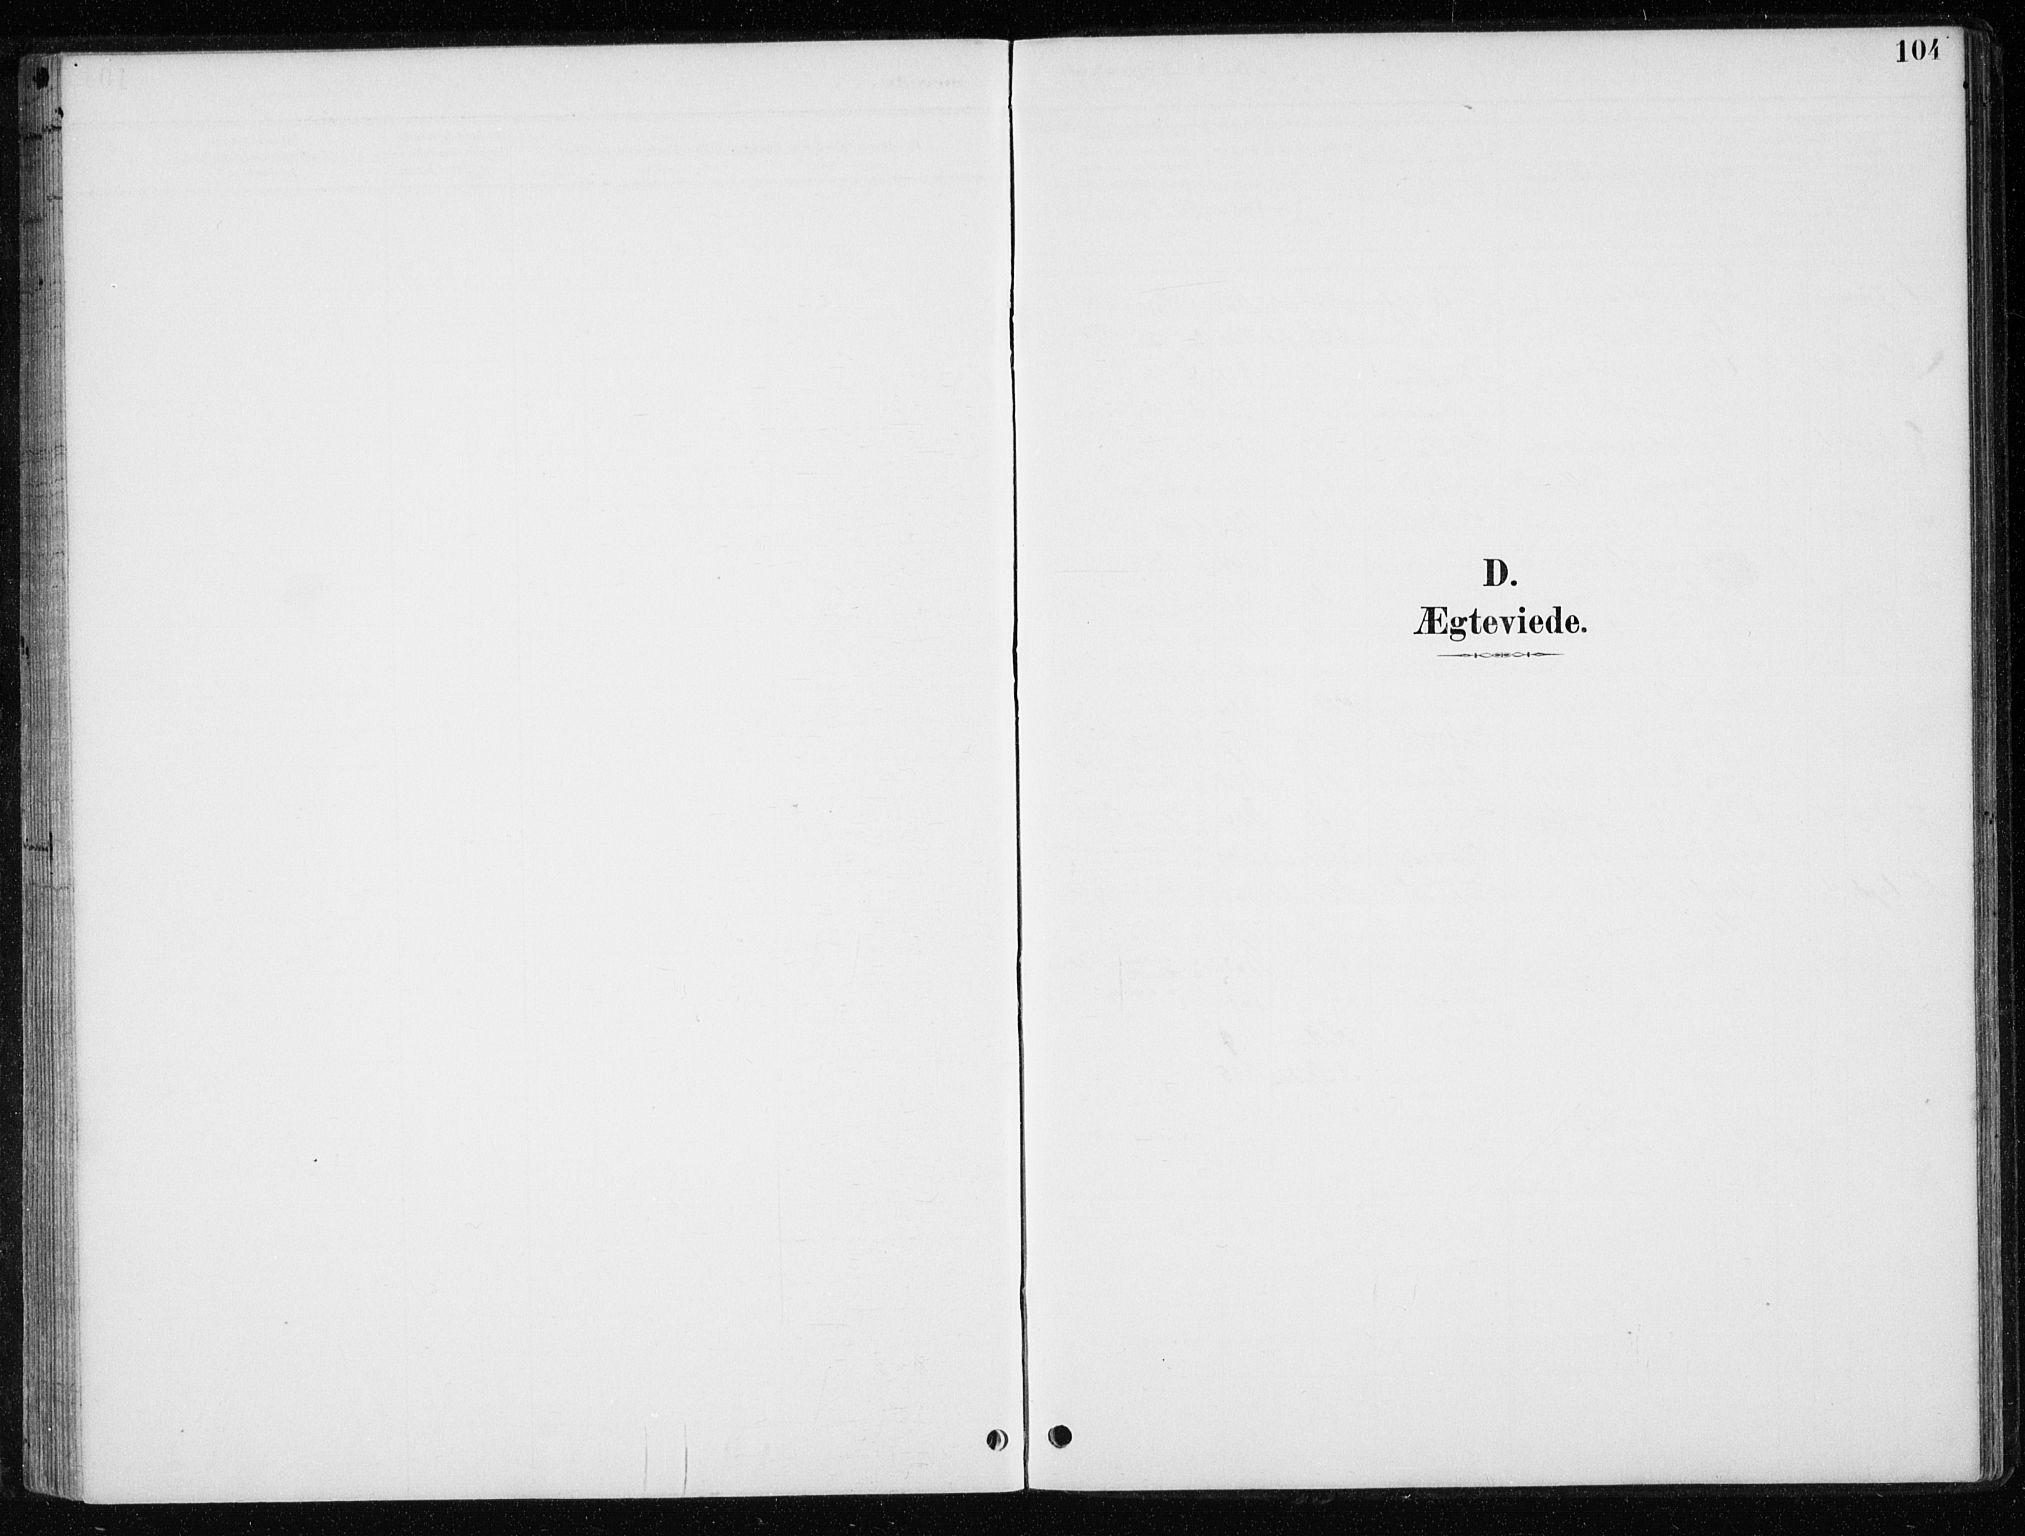 SAT, Ministerialprotokoller, klokkerbøker og fødselsregistre - Nord-Trøndelag, 710/L0096: Klokkerbok nr. 710C01, 1892-1925, s. 104